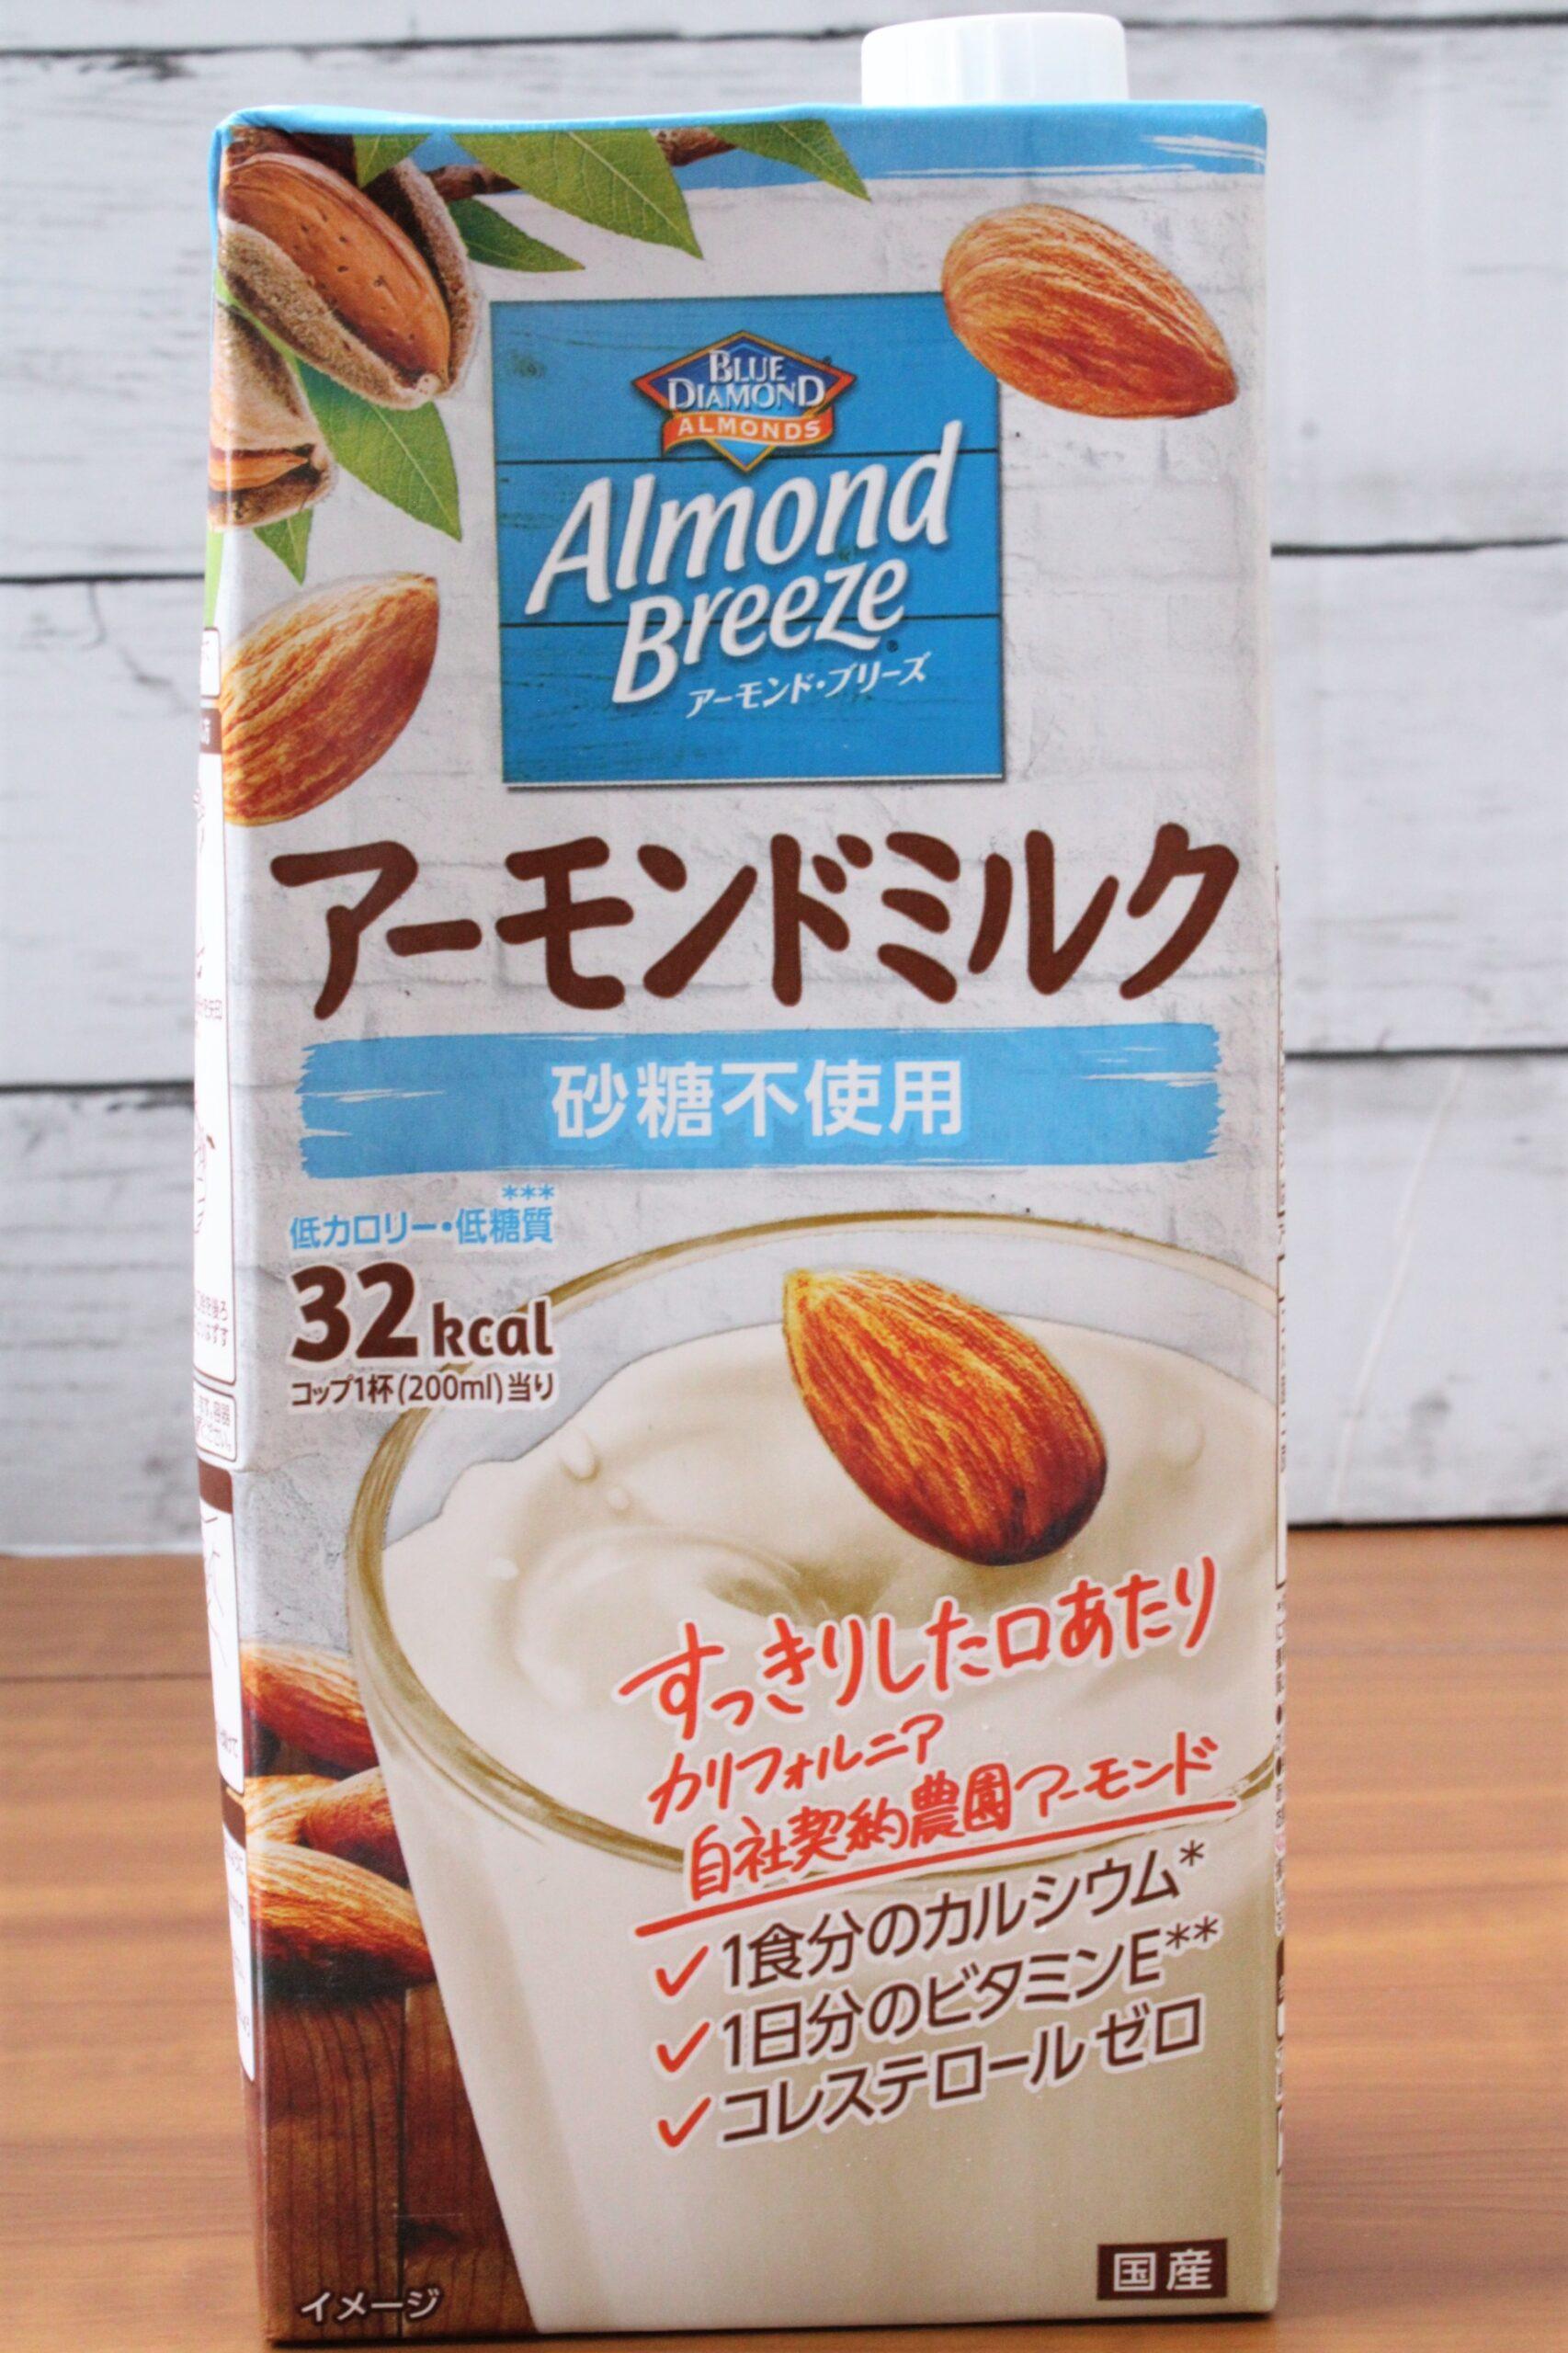 Almond Breeze(砂糖不使用)のパッケージ